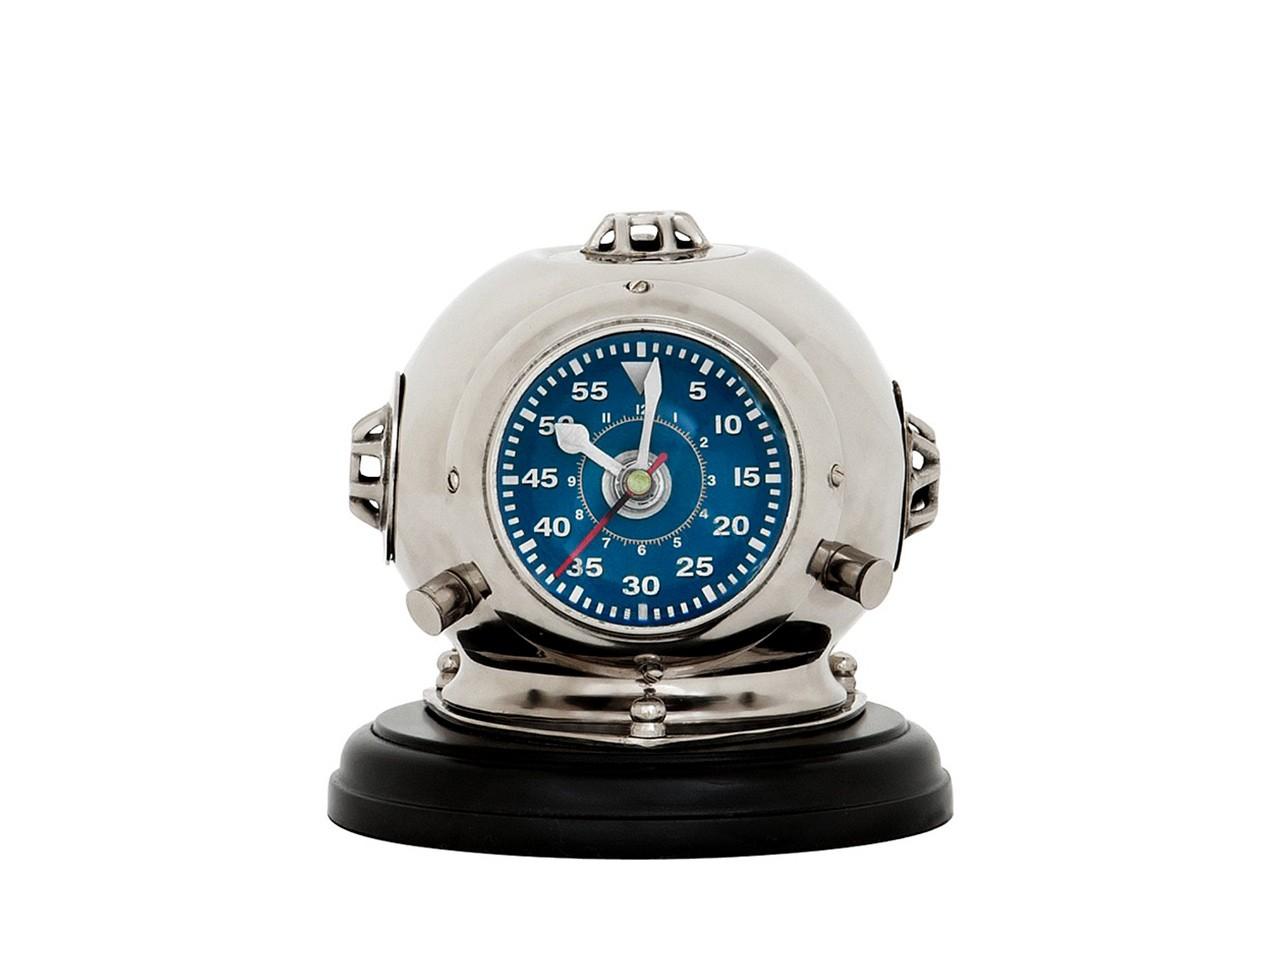 Часы Clock Diving Helmet OdysseyНастольные часы<br>Часы настольные Clock Diving Helmet Odyssey с оригинальным дизайном выполнены из никелированного металла на подставке черного цвета.<br><br>Material: Металл<br>Ширина см: 18.0<br>Высота см: 19.0<br>Глубина см: 18.0